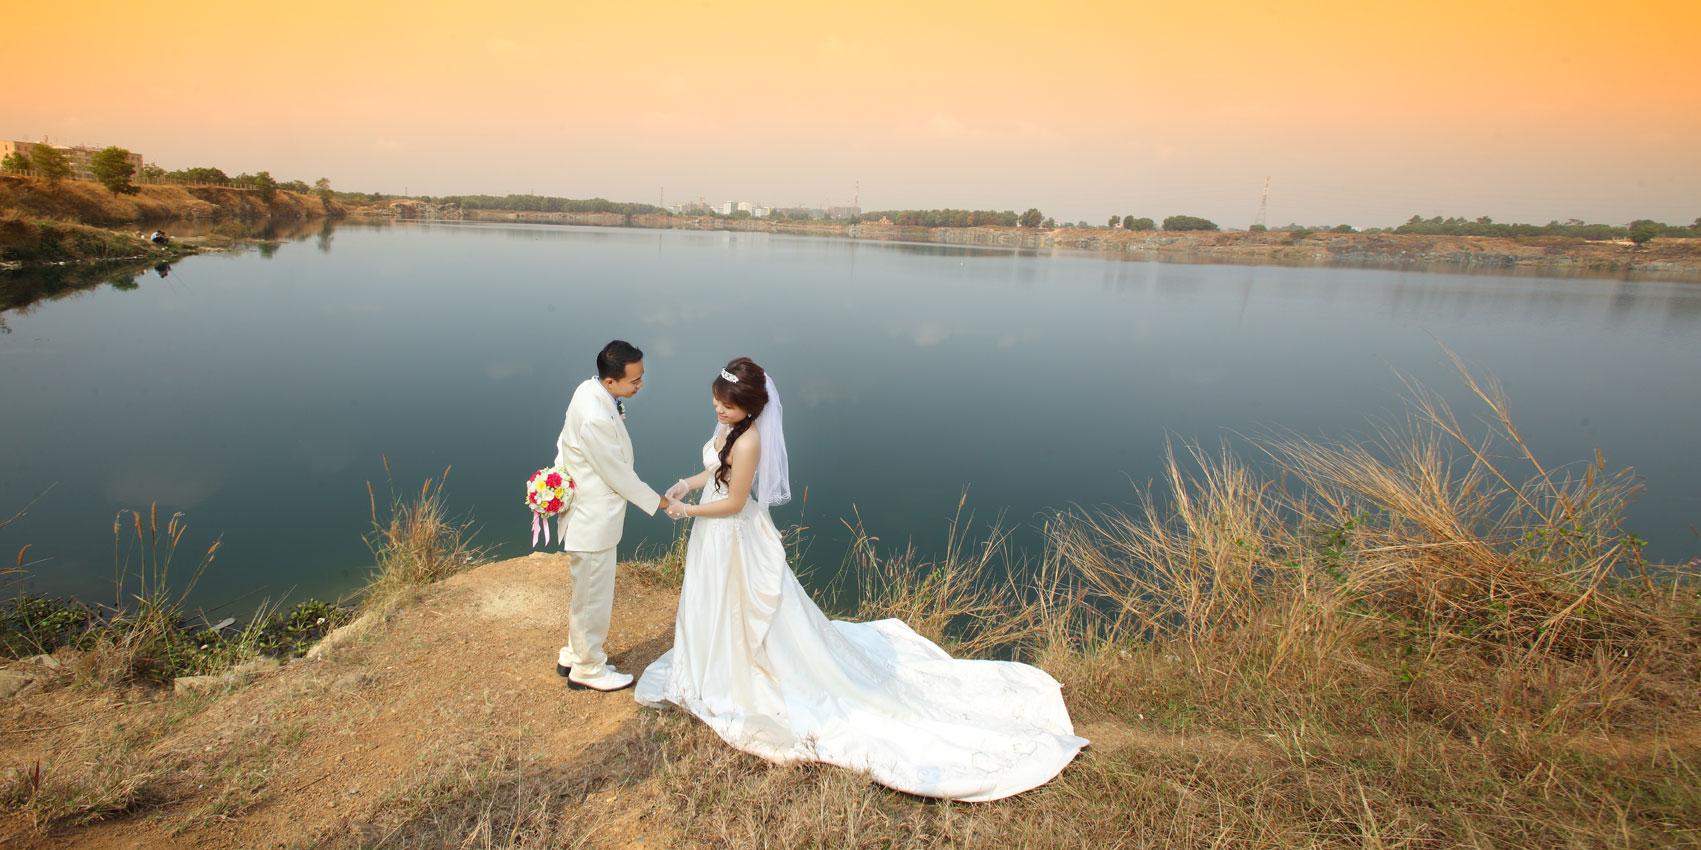 Khu vực hồ đá vắng vẻ và thơ mộng khá lý tưởng cho cô dâu chú